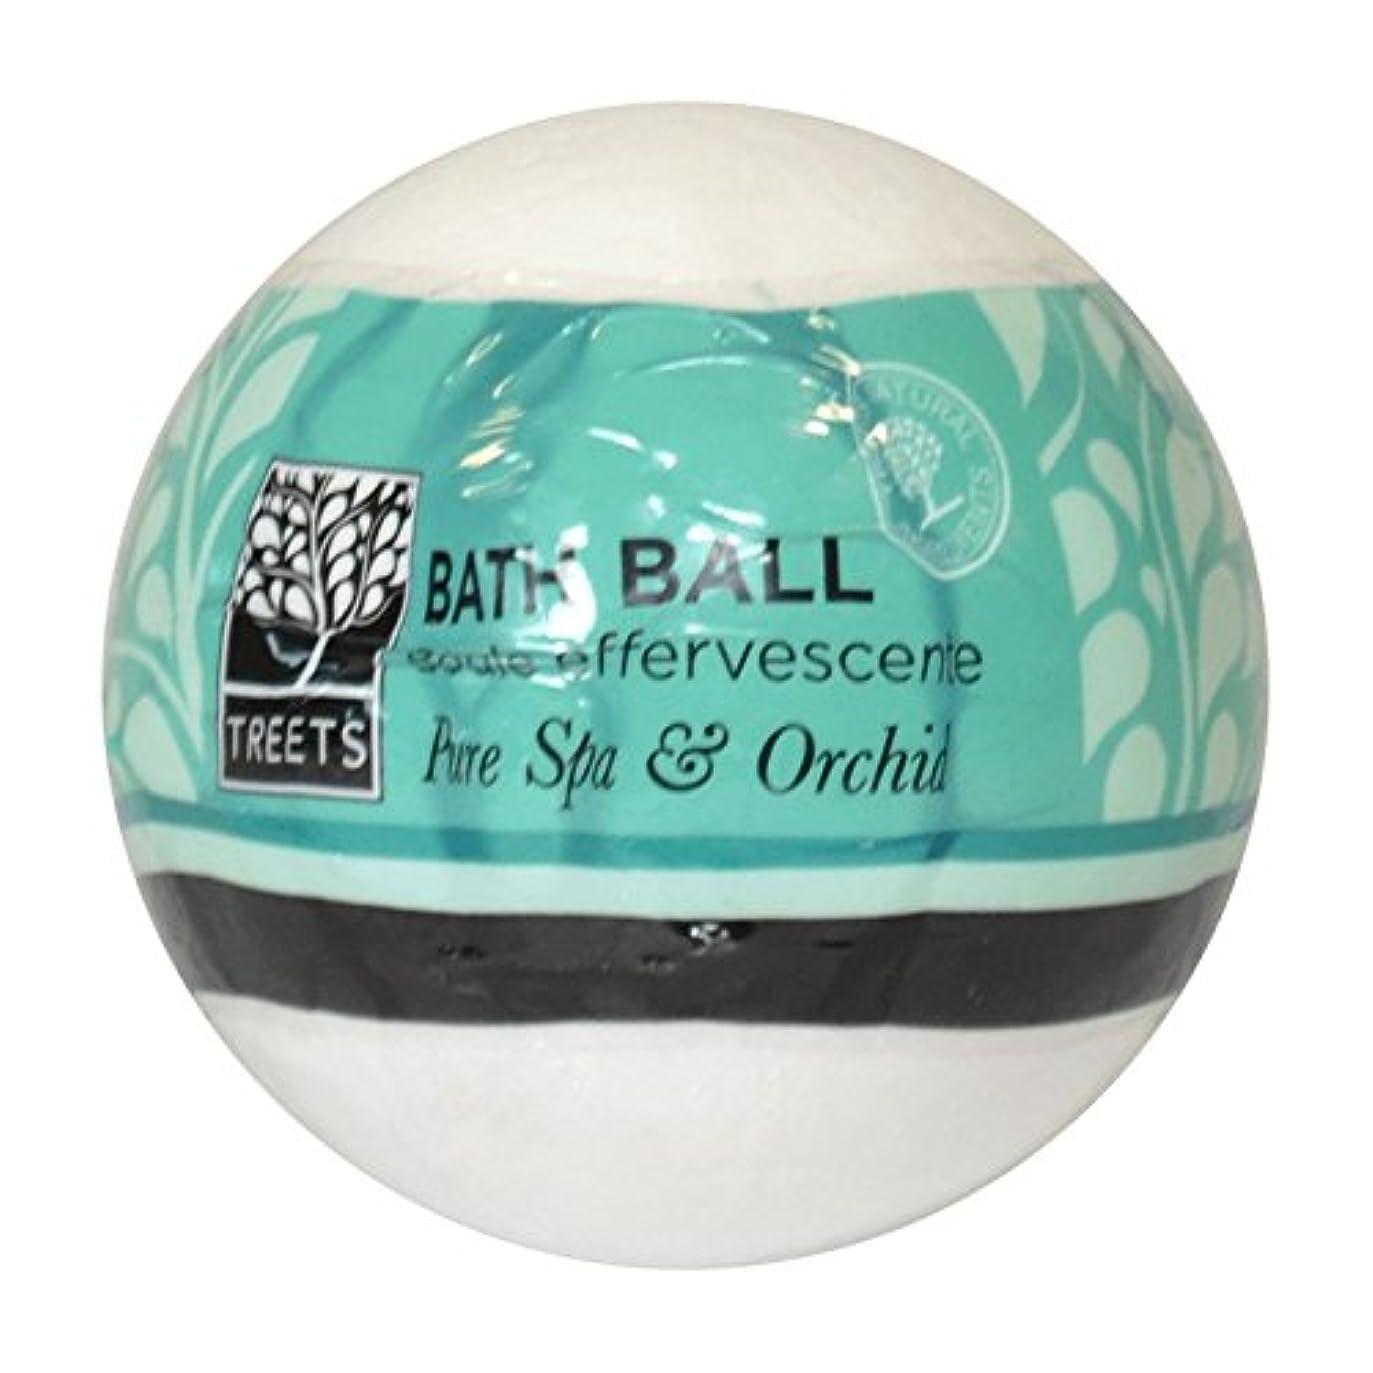 天皇バブルむしゃむしゃTreets Orchid & Pure Spa Bath Ball (Pack of 6) - Treets蘭&純粋なスパバスボール (x6) [並行輸入品]